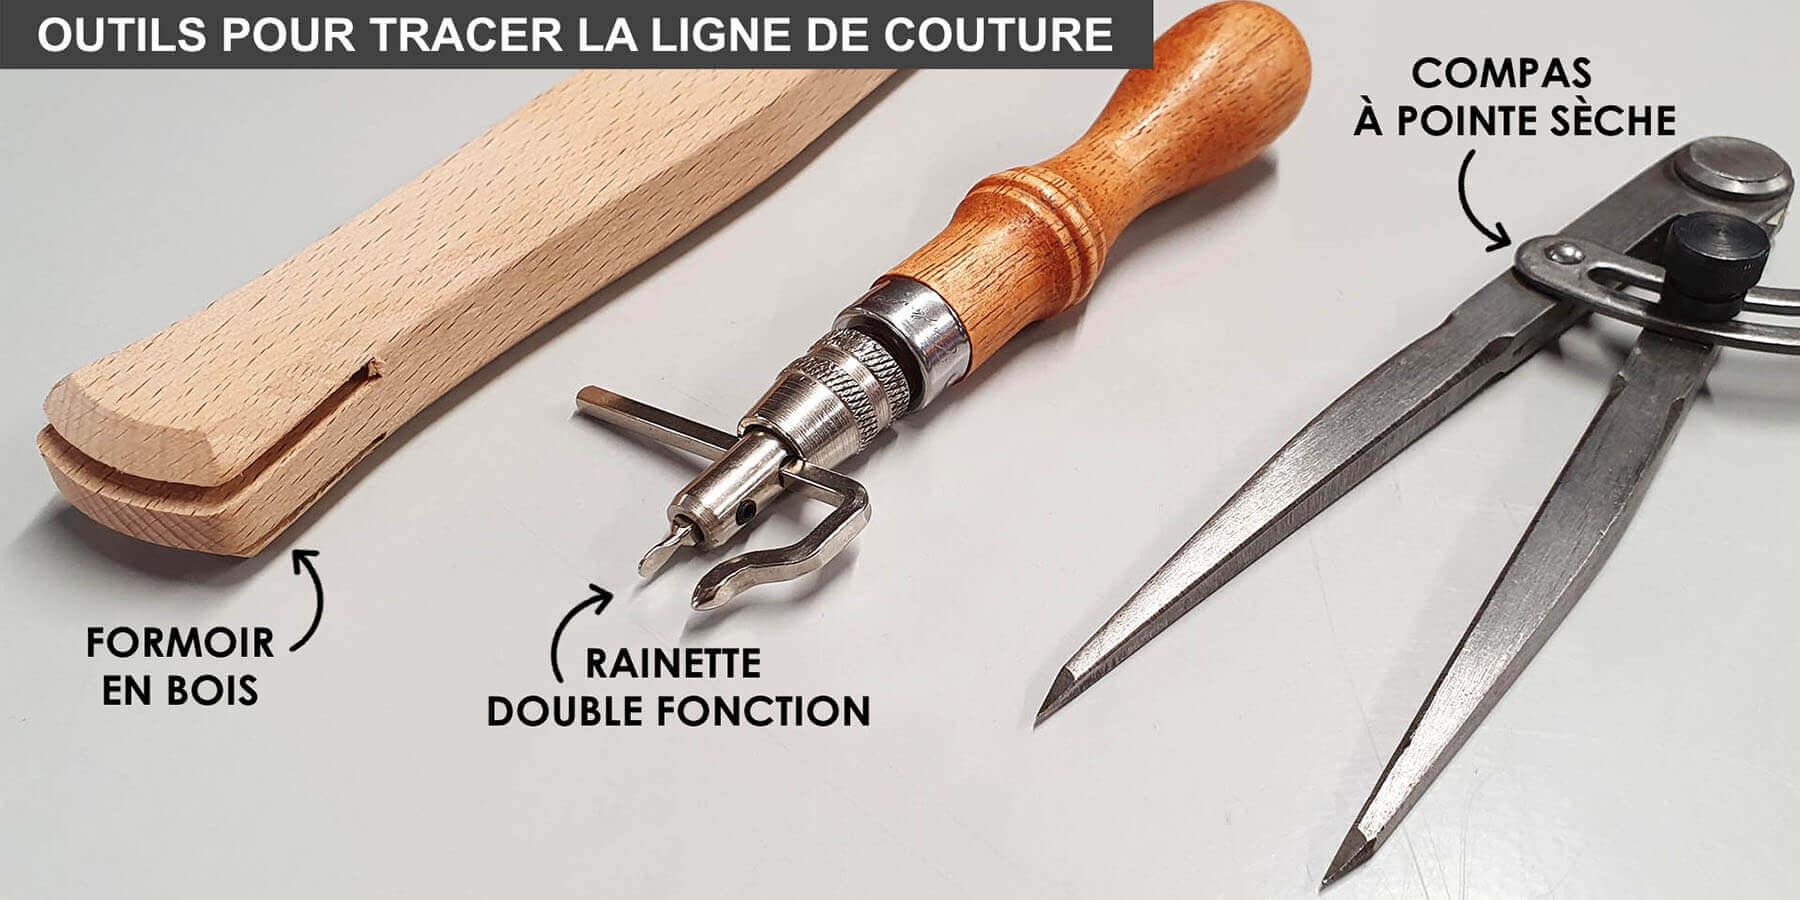 outils pour tracer la ligne de couture